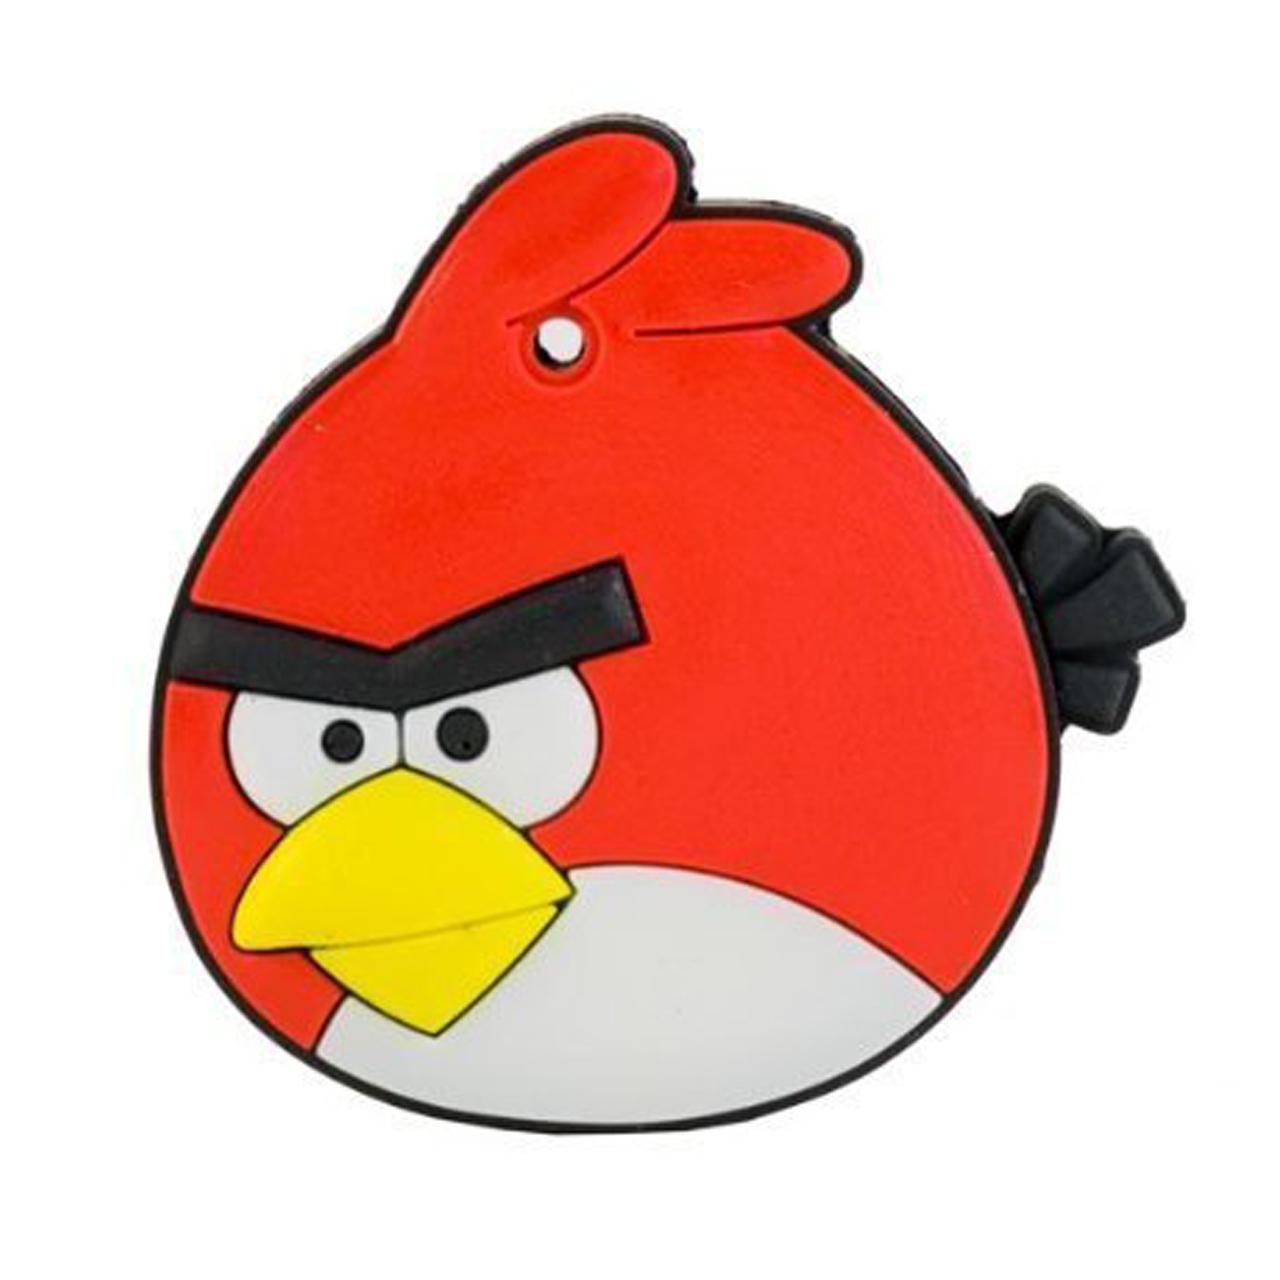 بررسی و خرید [با تخفیف]                                     فلش مموریمدل Ul-Angry Birds01 ظرفیت 16 گیگابایت                             اورجینال